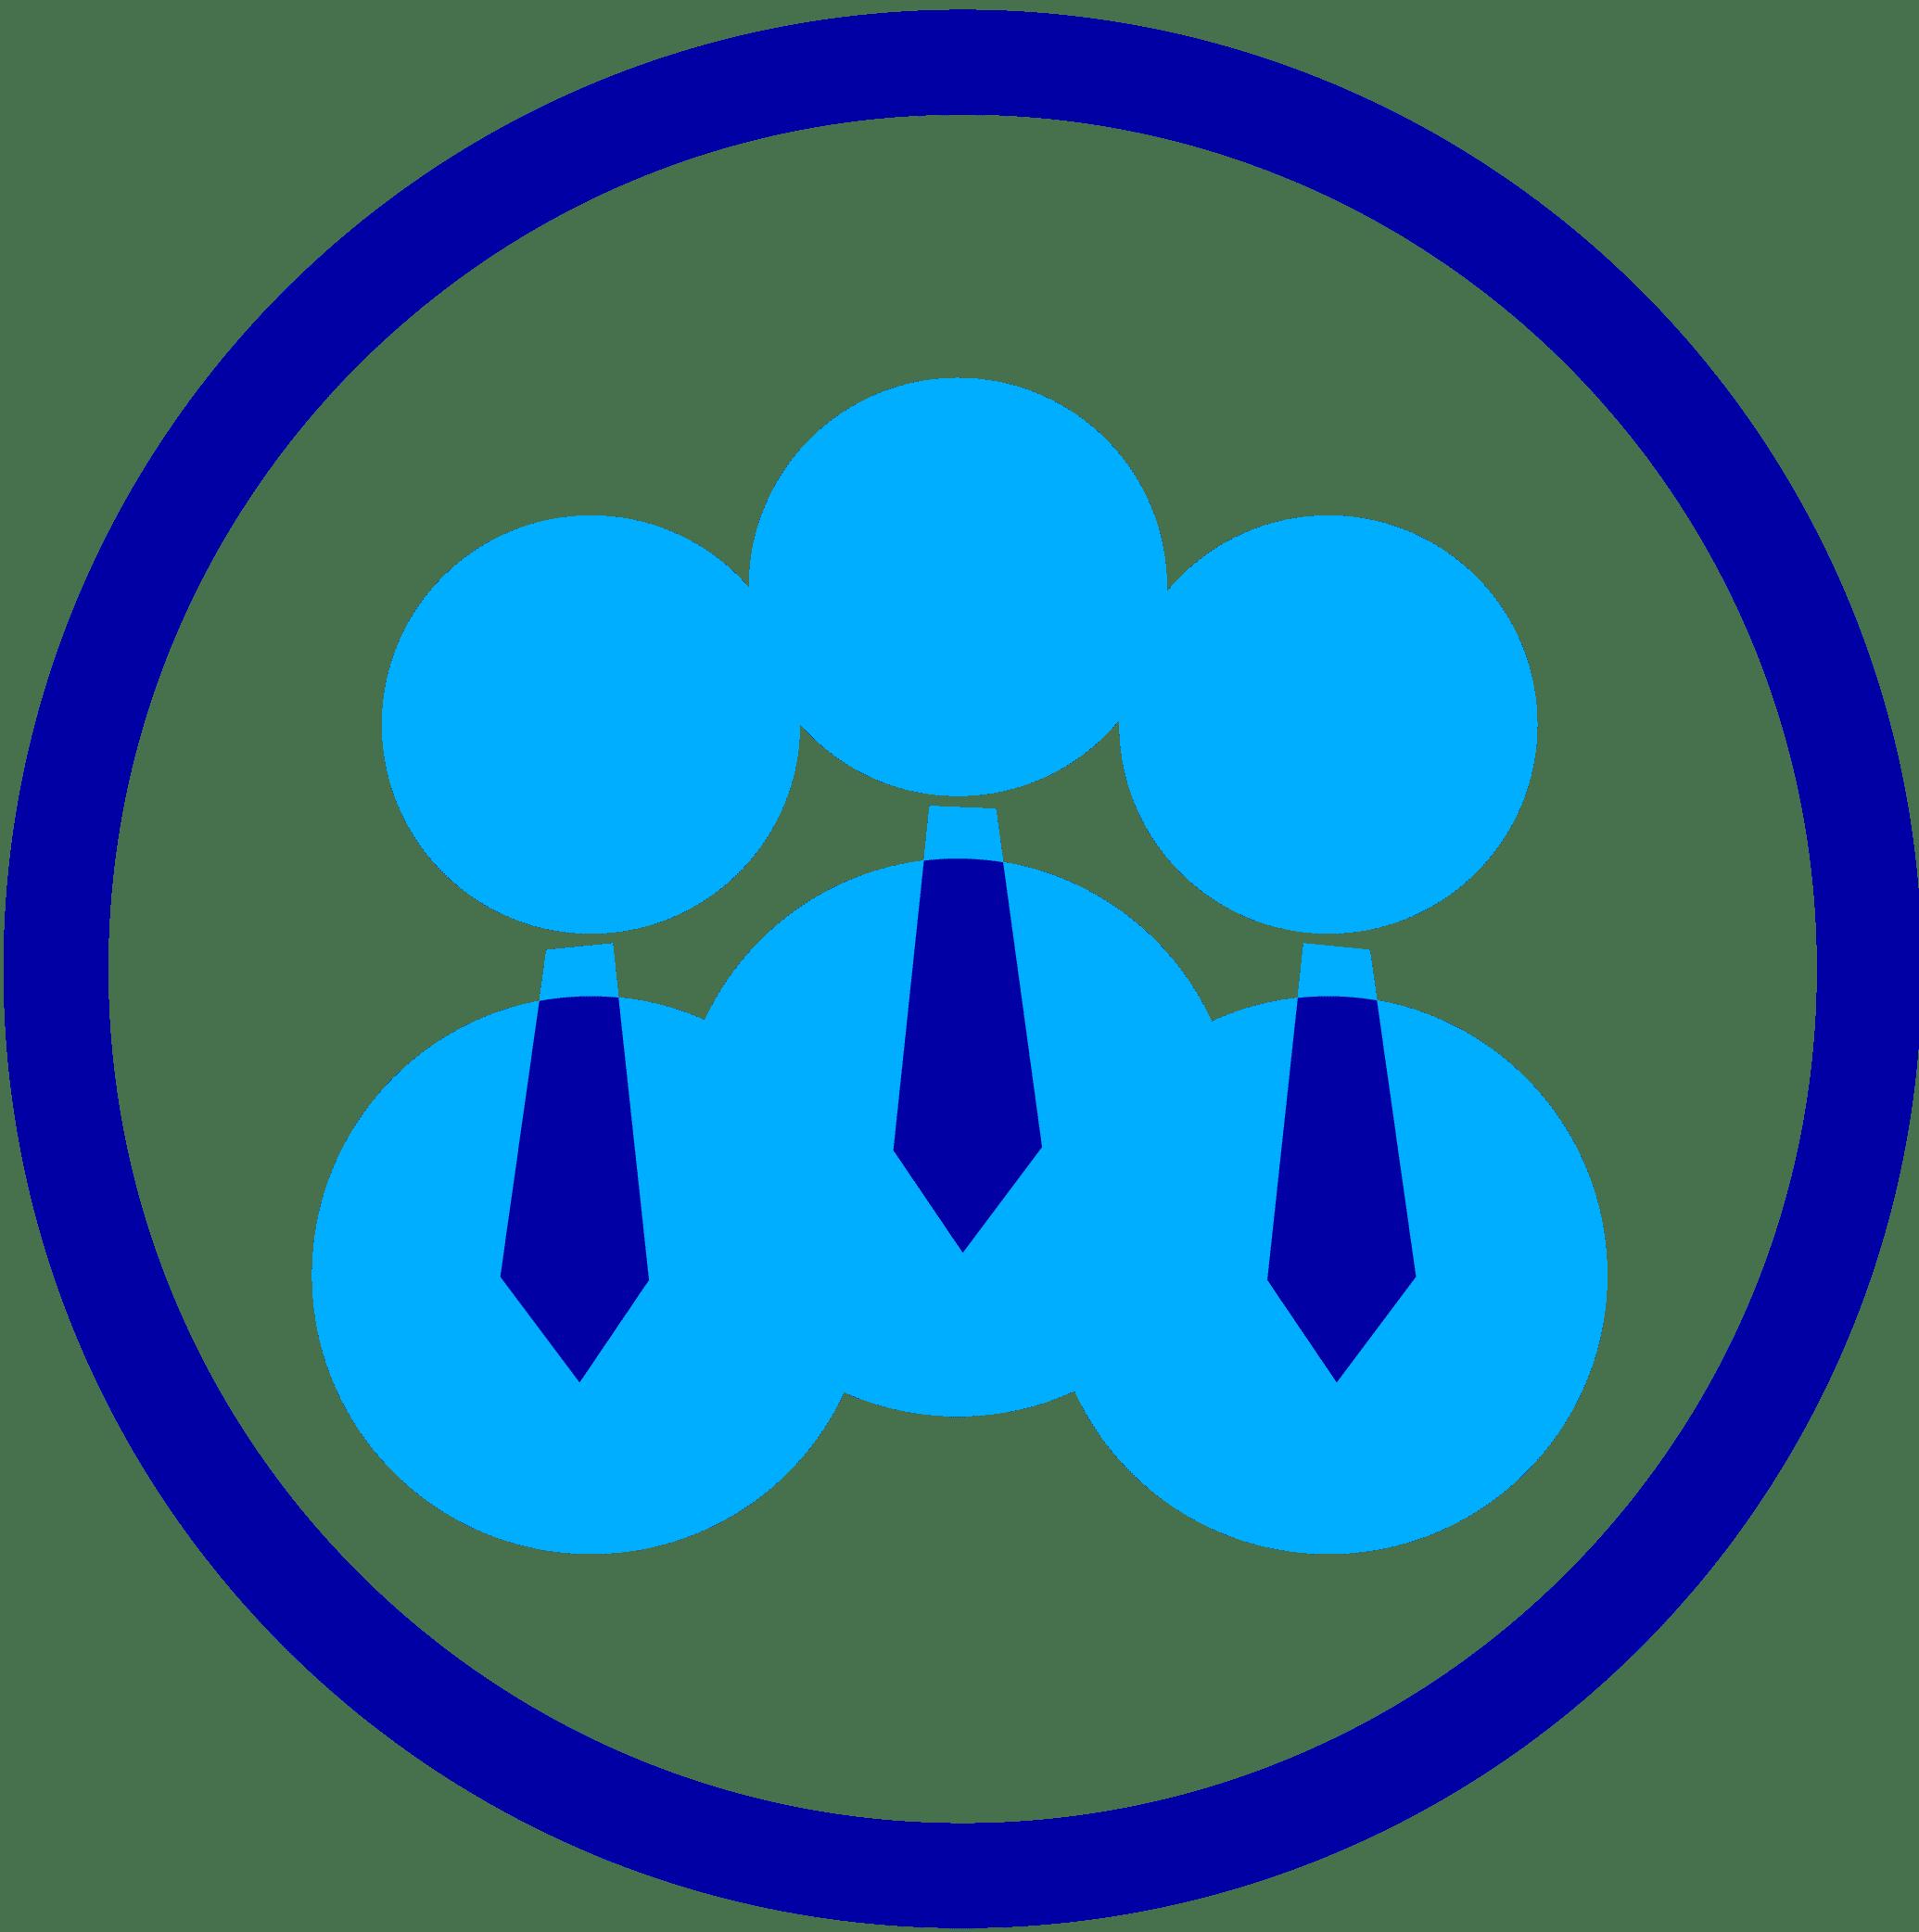 https://es.fi-group.com/wp-content/uploads/sites/4/2021/10/blue-icons-set_1-59.png